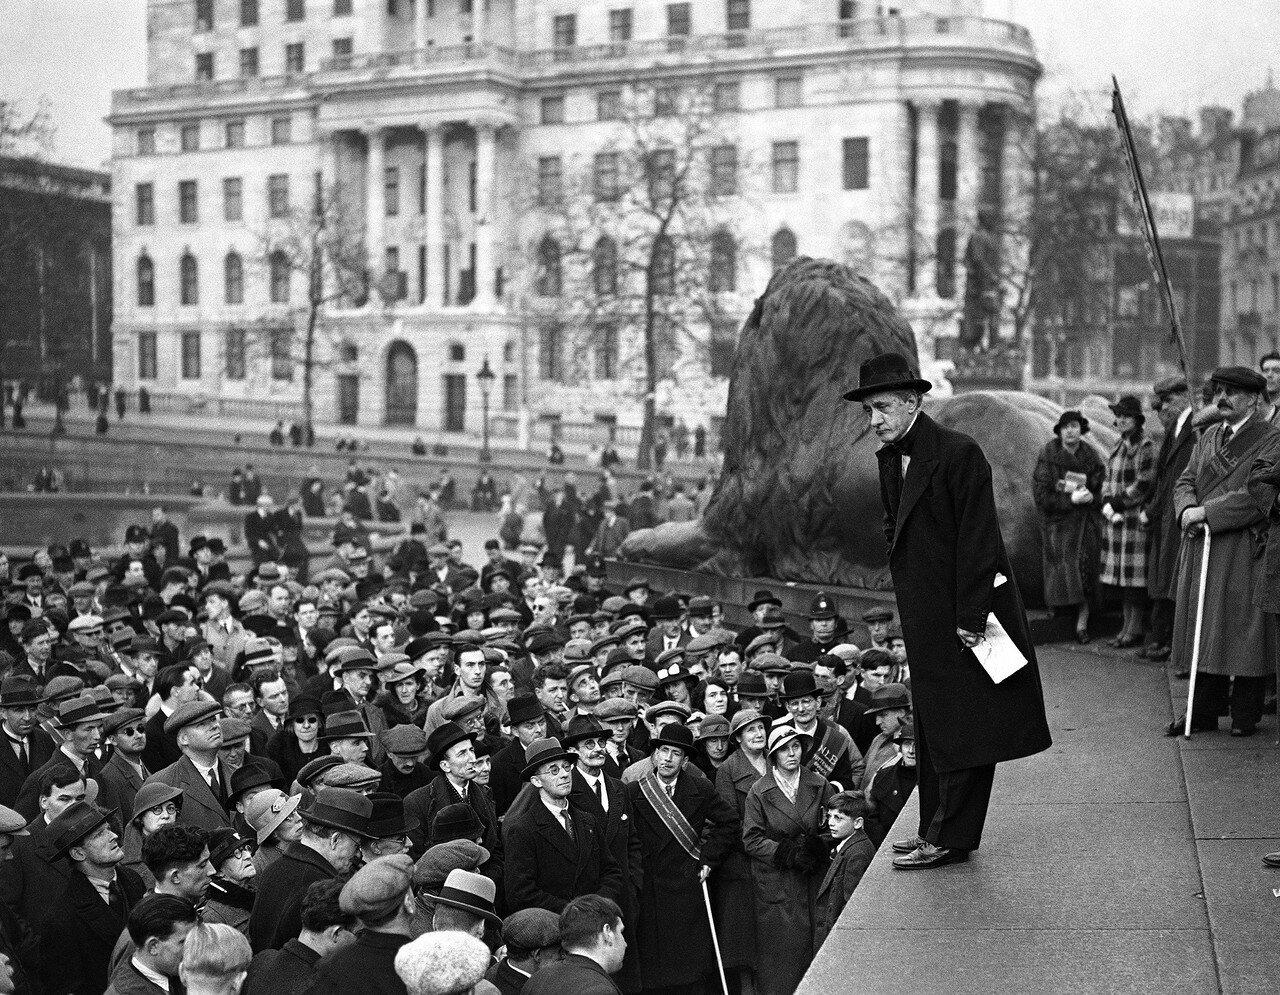 1936. 1 ноября. Ханнен Сваффер, известный британский журналист выступает на  Трафальгарской площади перед слепыми демонстрантами